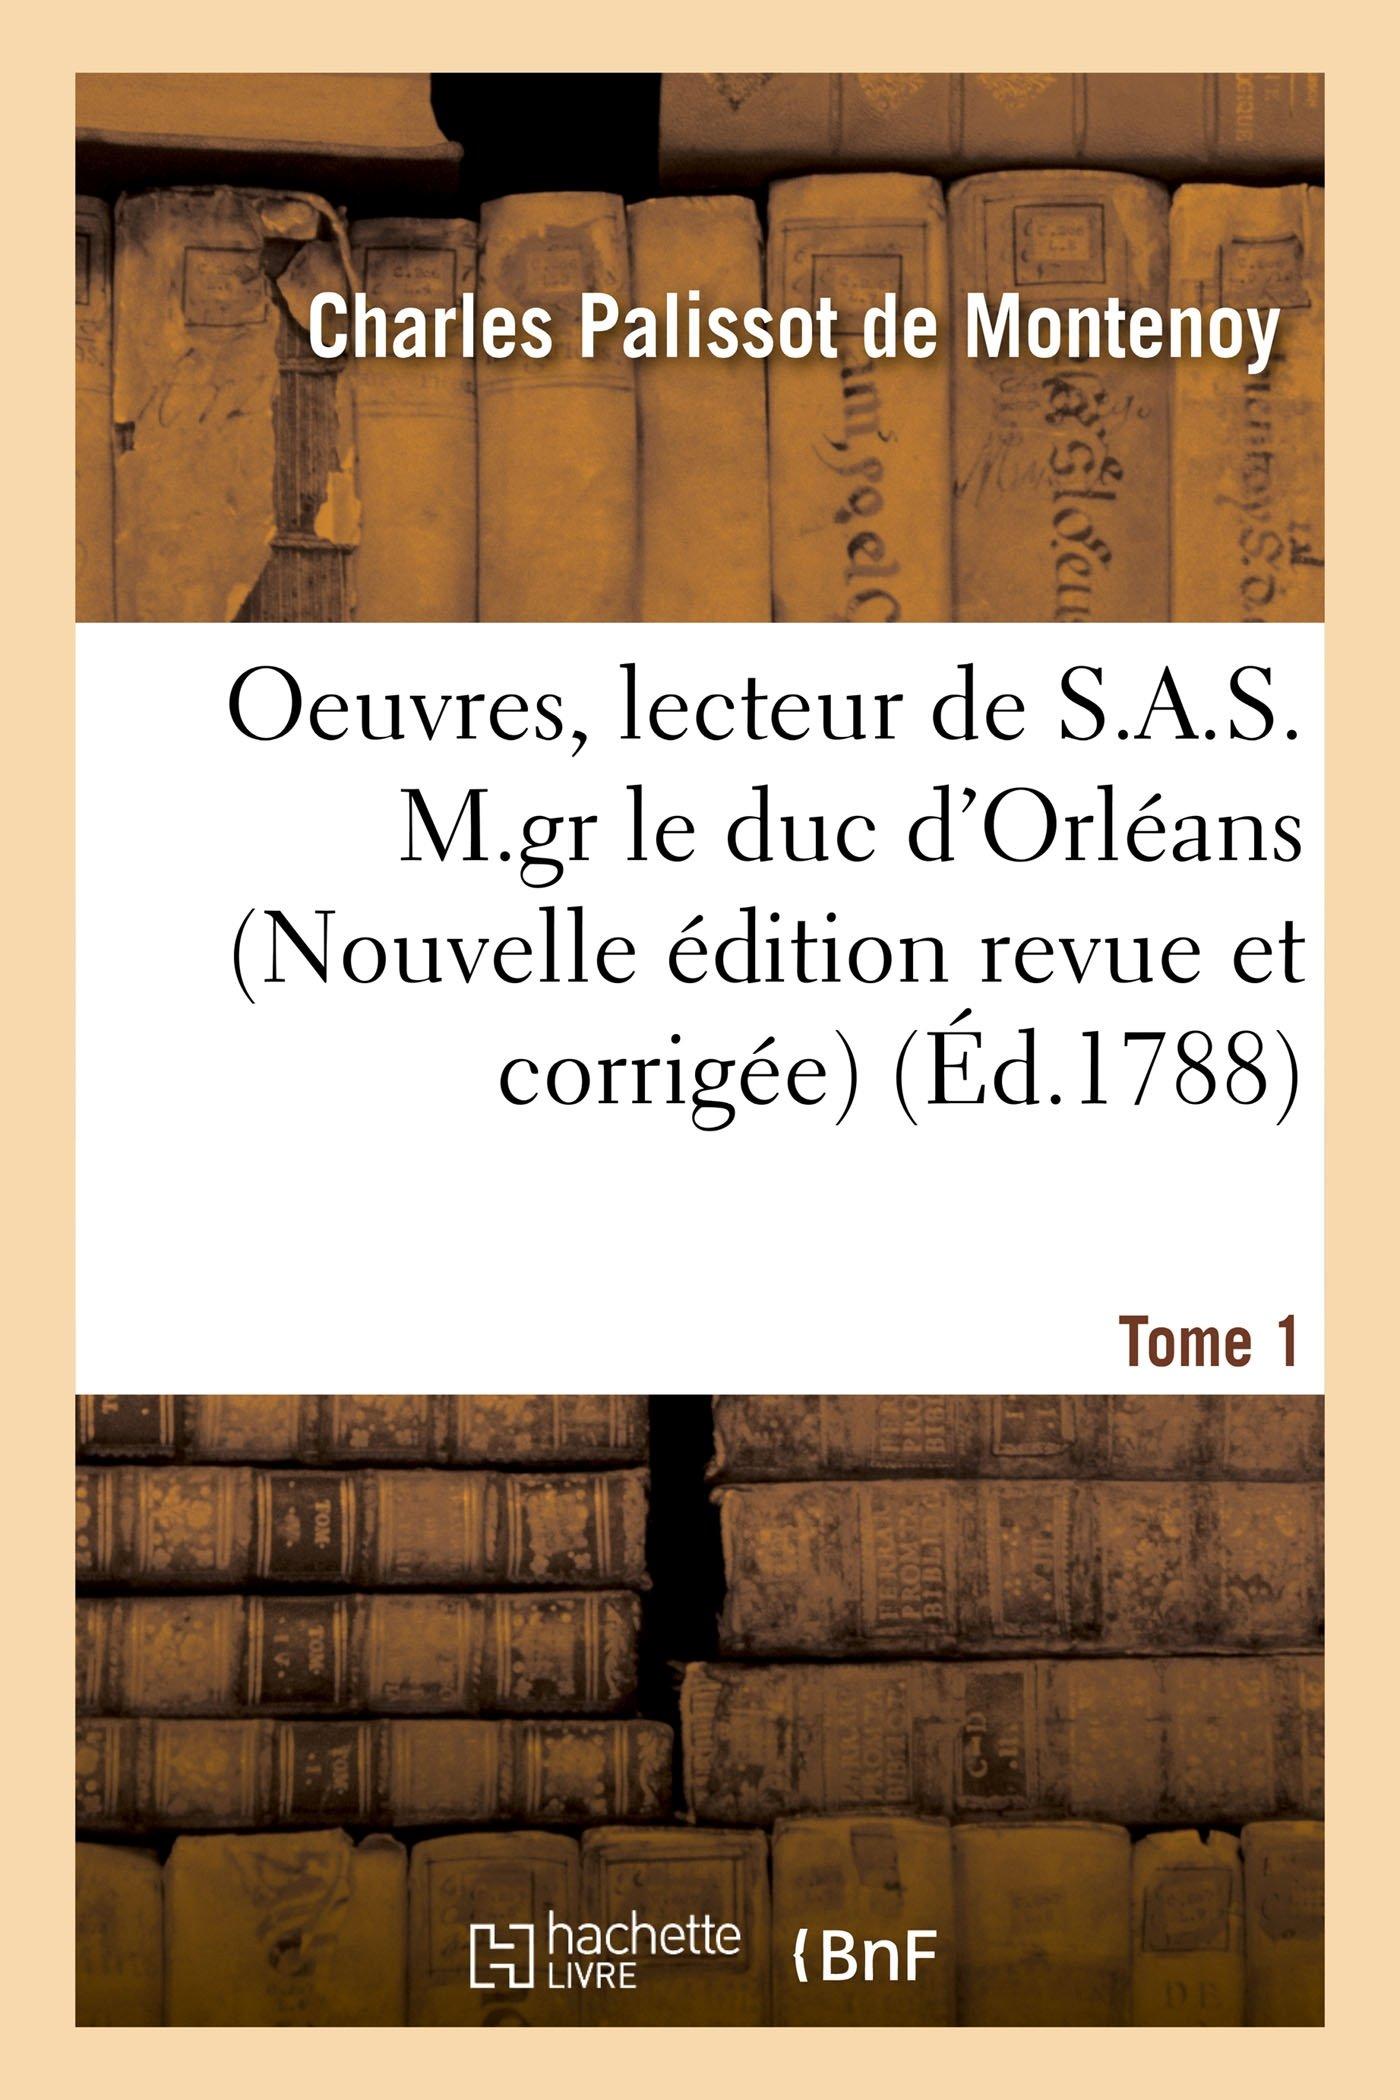 Read Online Oeuvres, Lecteur de S.A.S. M.Gr Le Duc d'Orléans. Nouvelle Édition, Revue Et Corrigée Tome 1 (Litterature) (French Edition) PDF